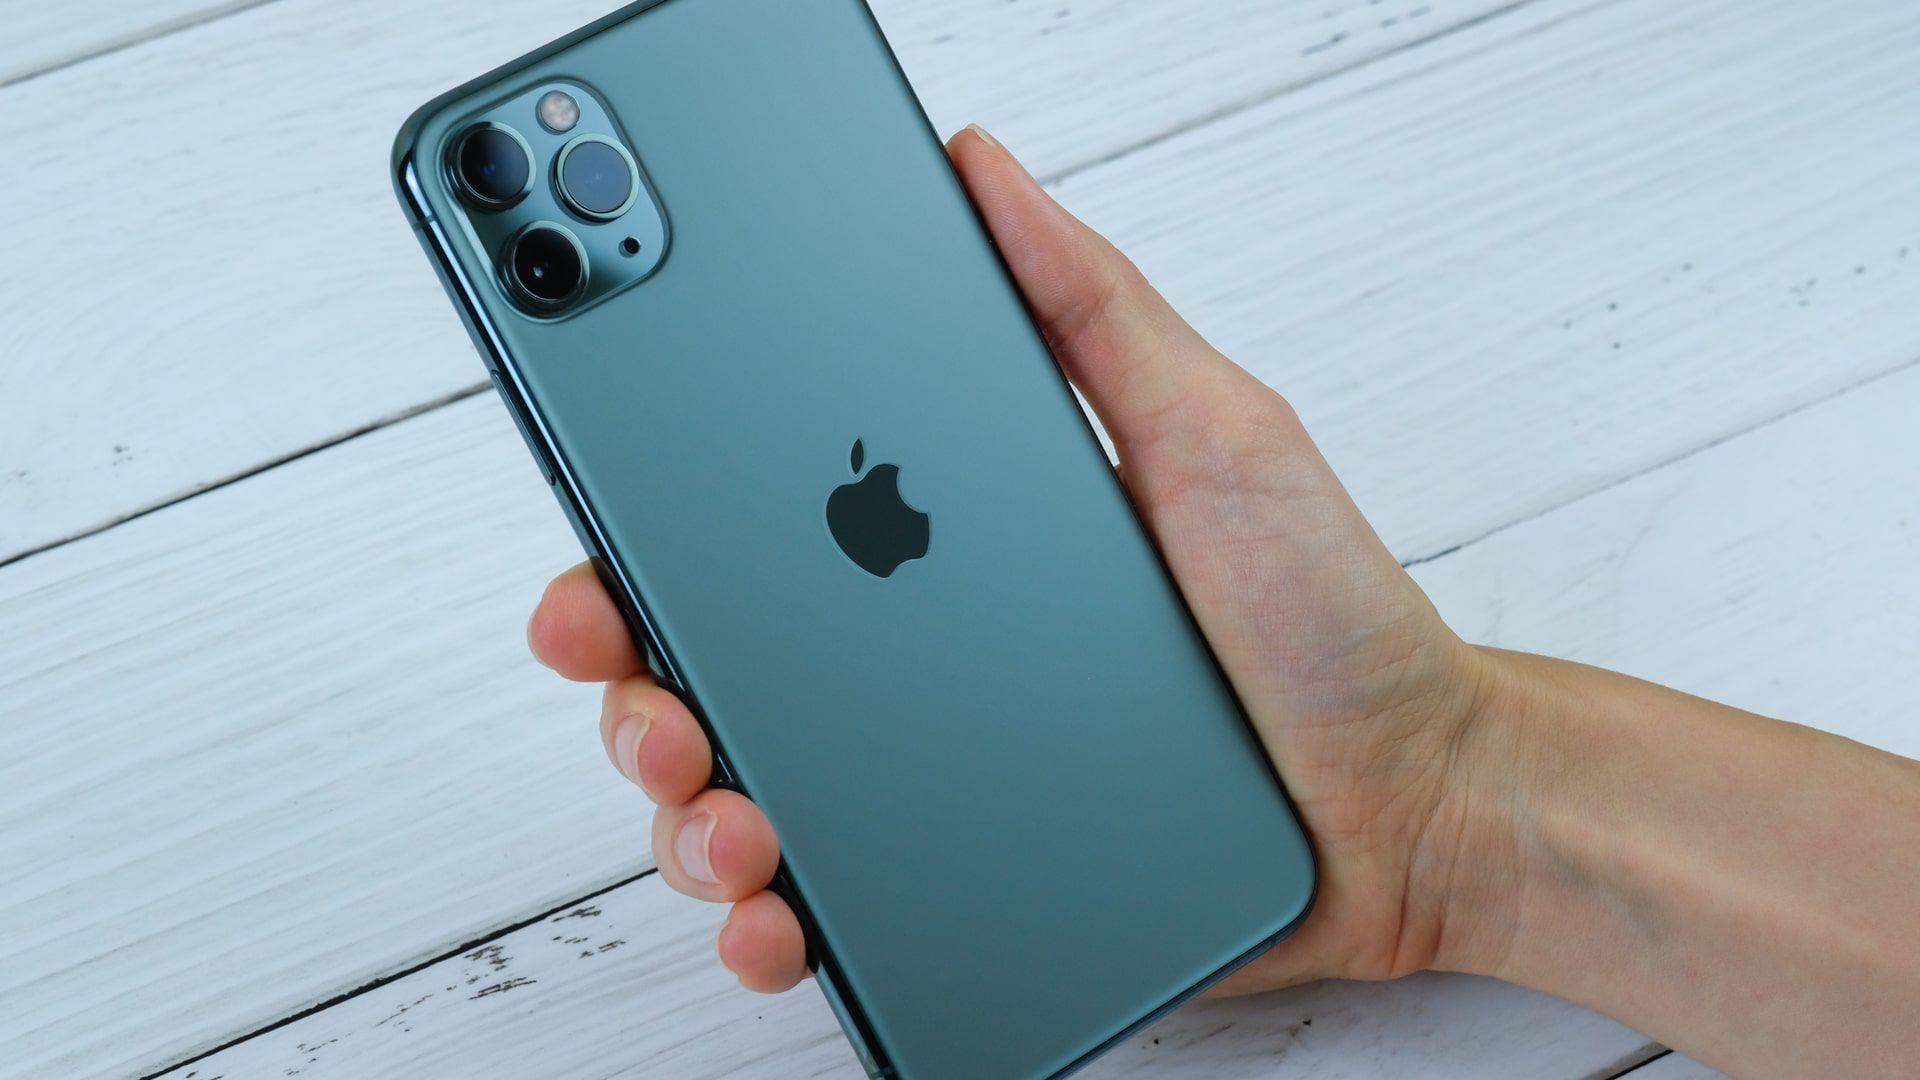 iPhone 11 Pro vem com carregador rápido que garante 50% de bateria em apenas 30 minutos - Foto: Shutterstock